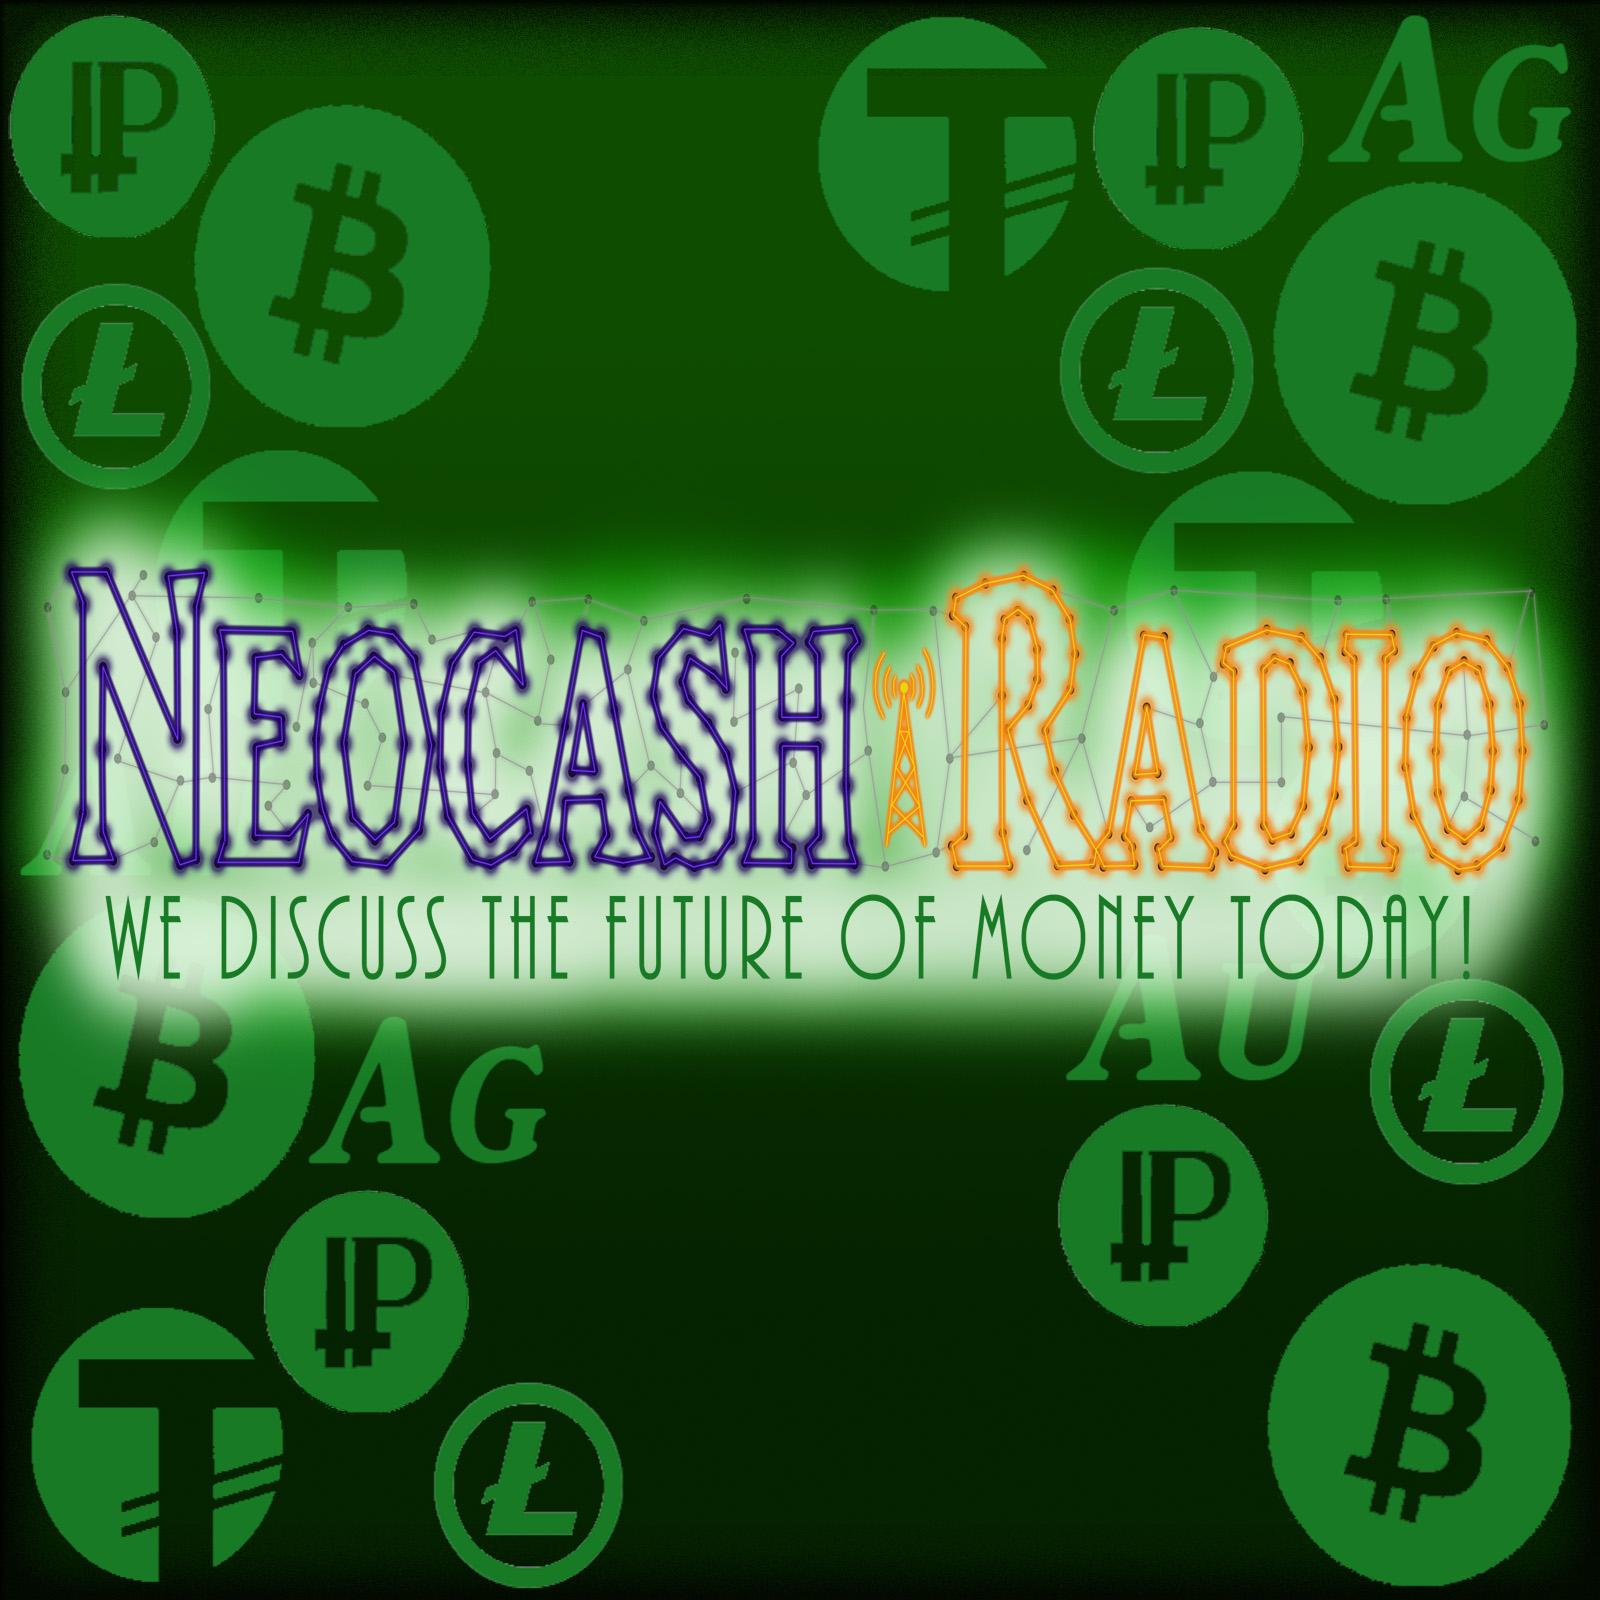 Neocash Radio - Episode 165